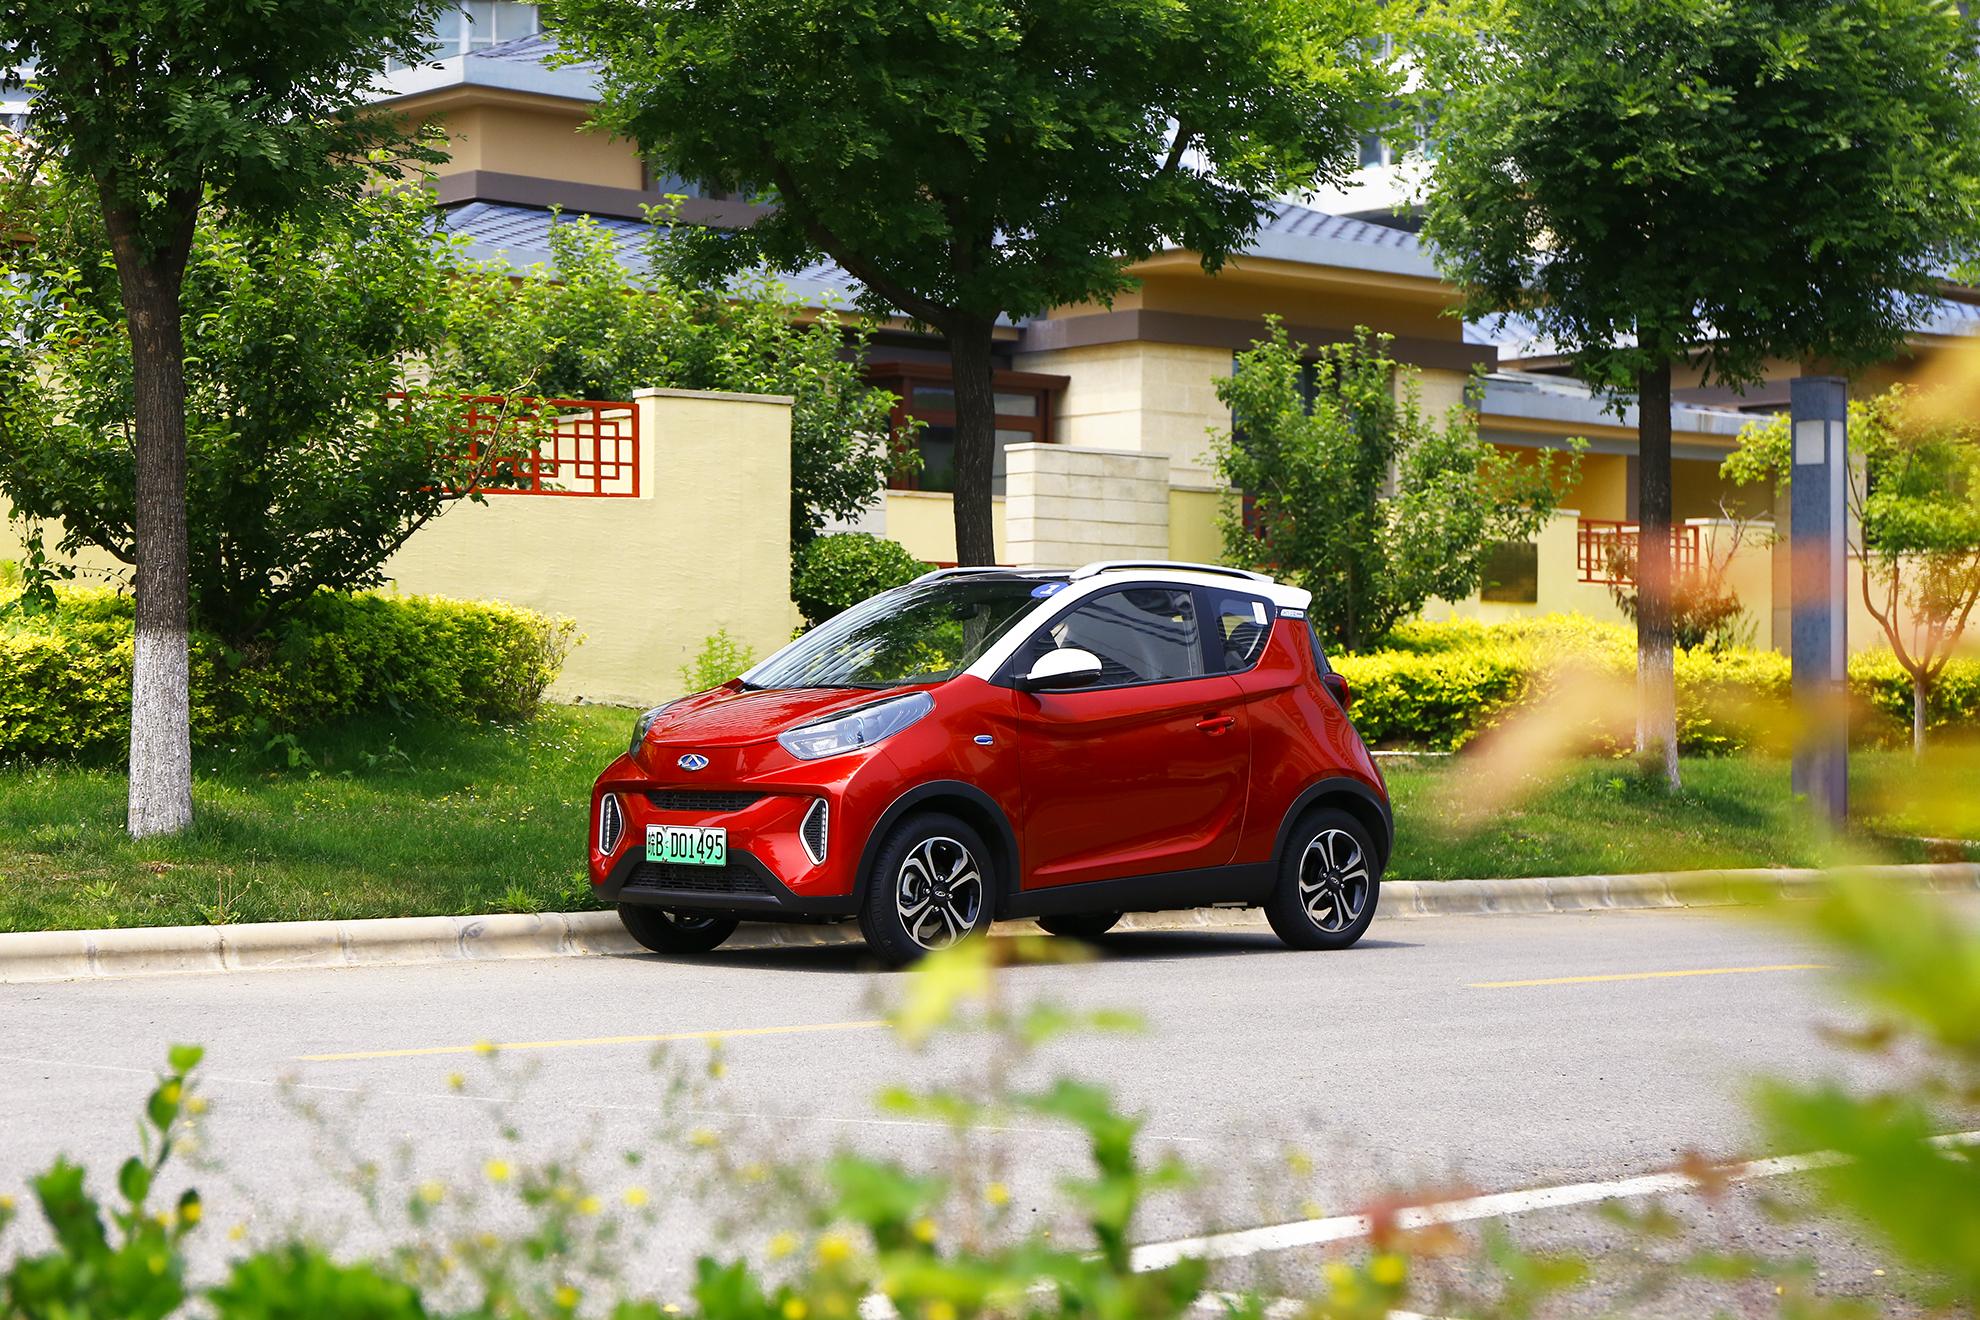 奇瑞小蚂蚁:我们真的需要一辆微型电动车吗?